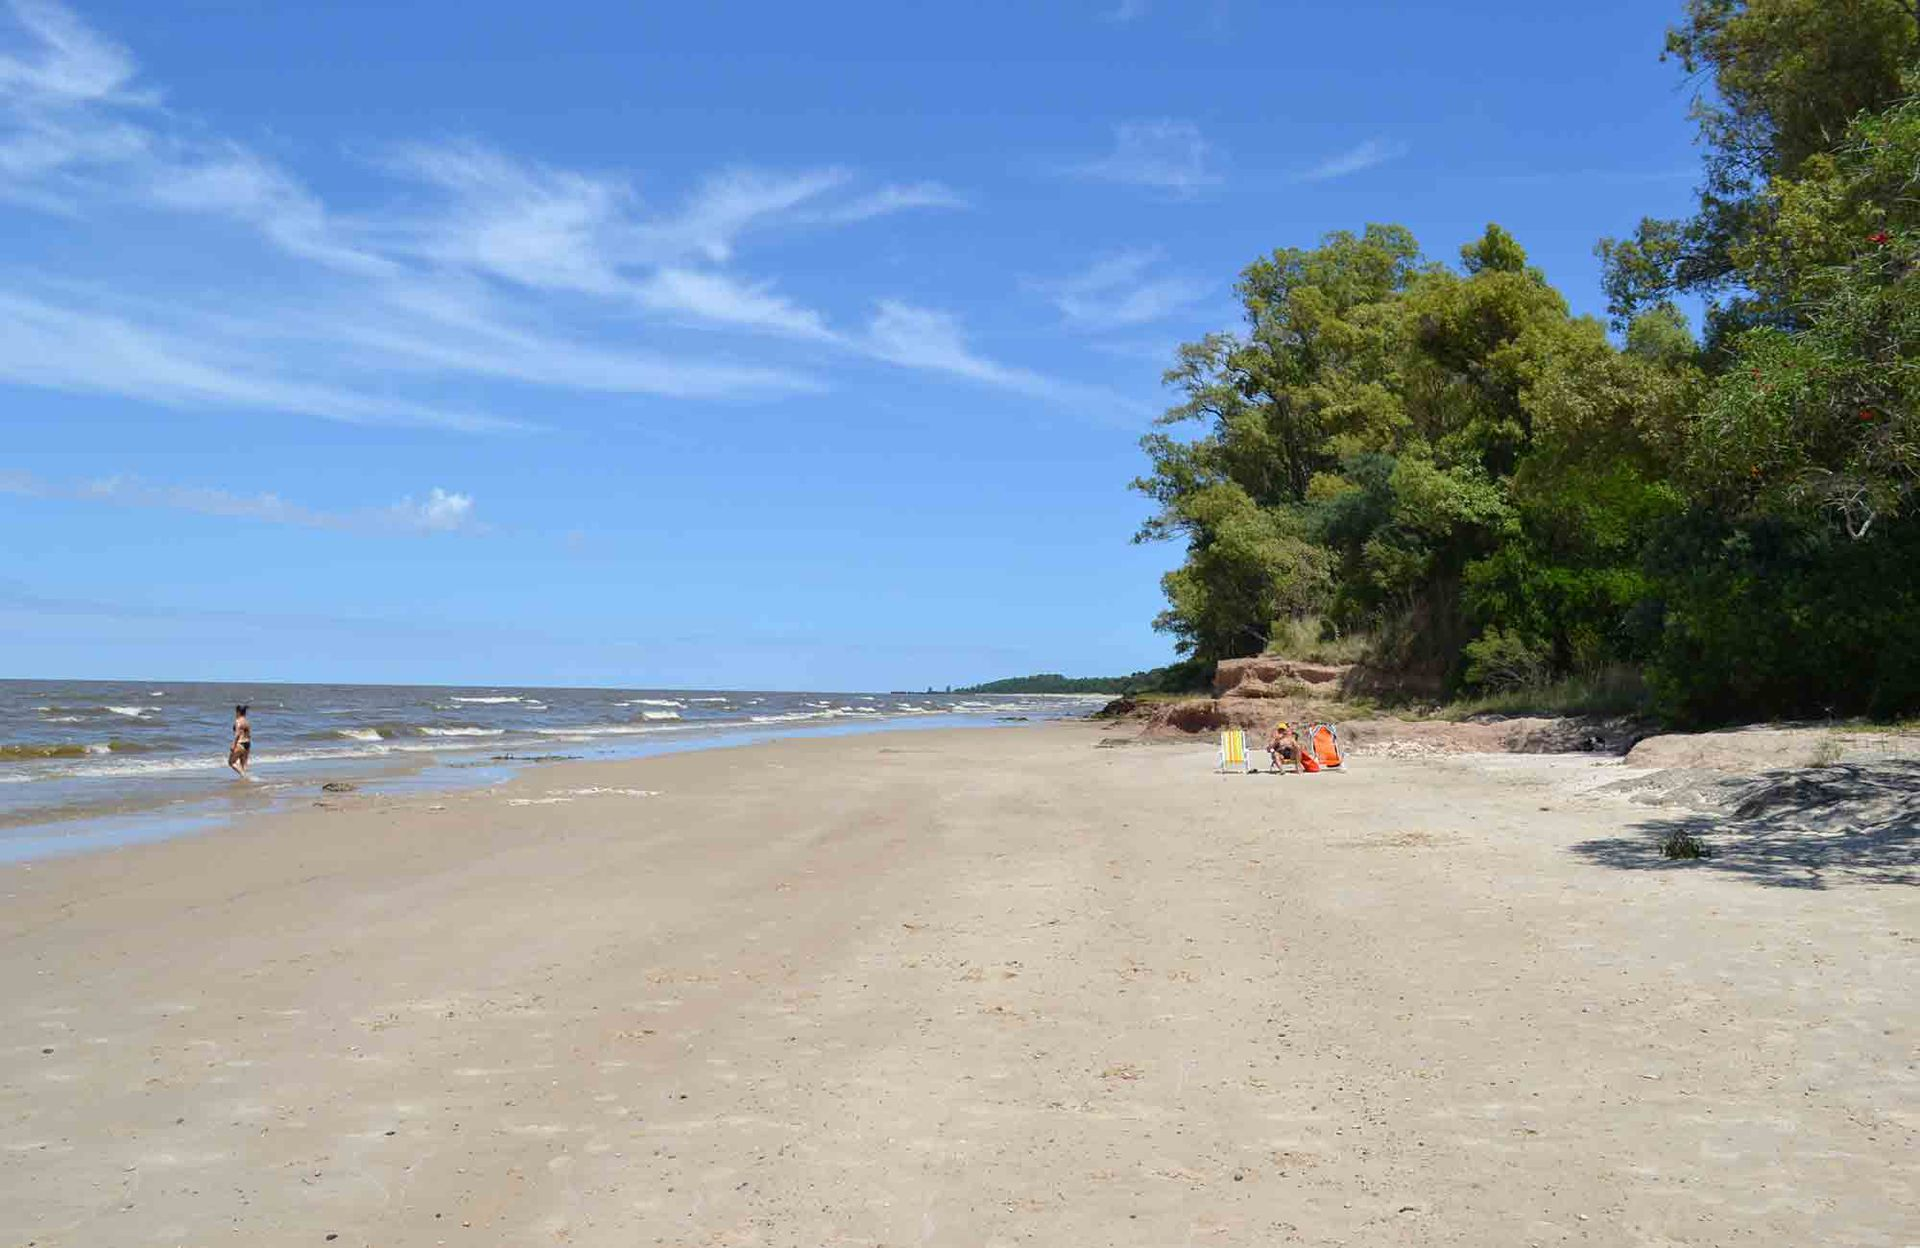 La playa a la que se accede desde el complejo.